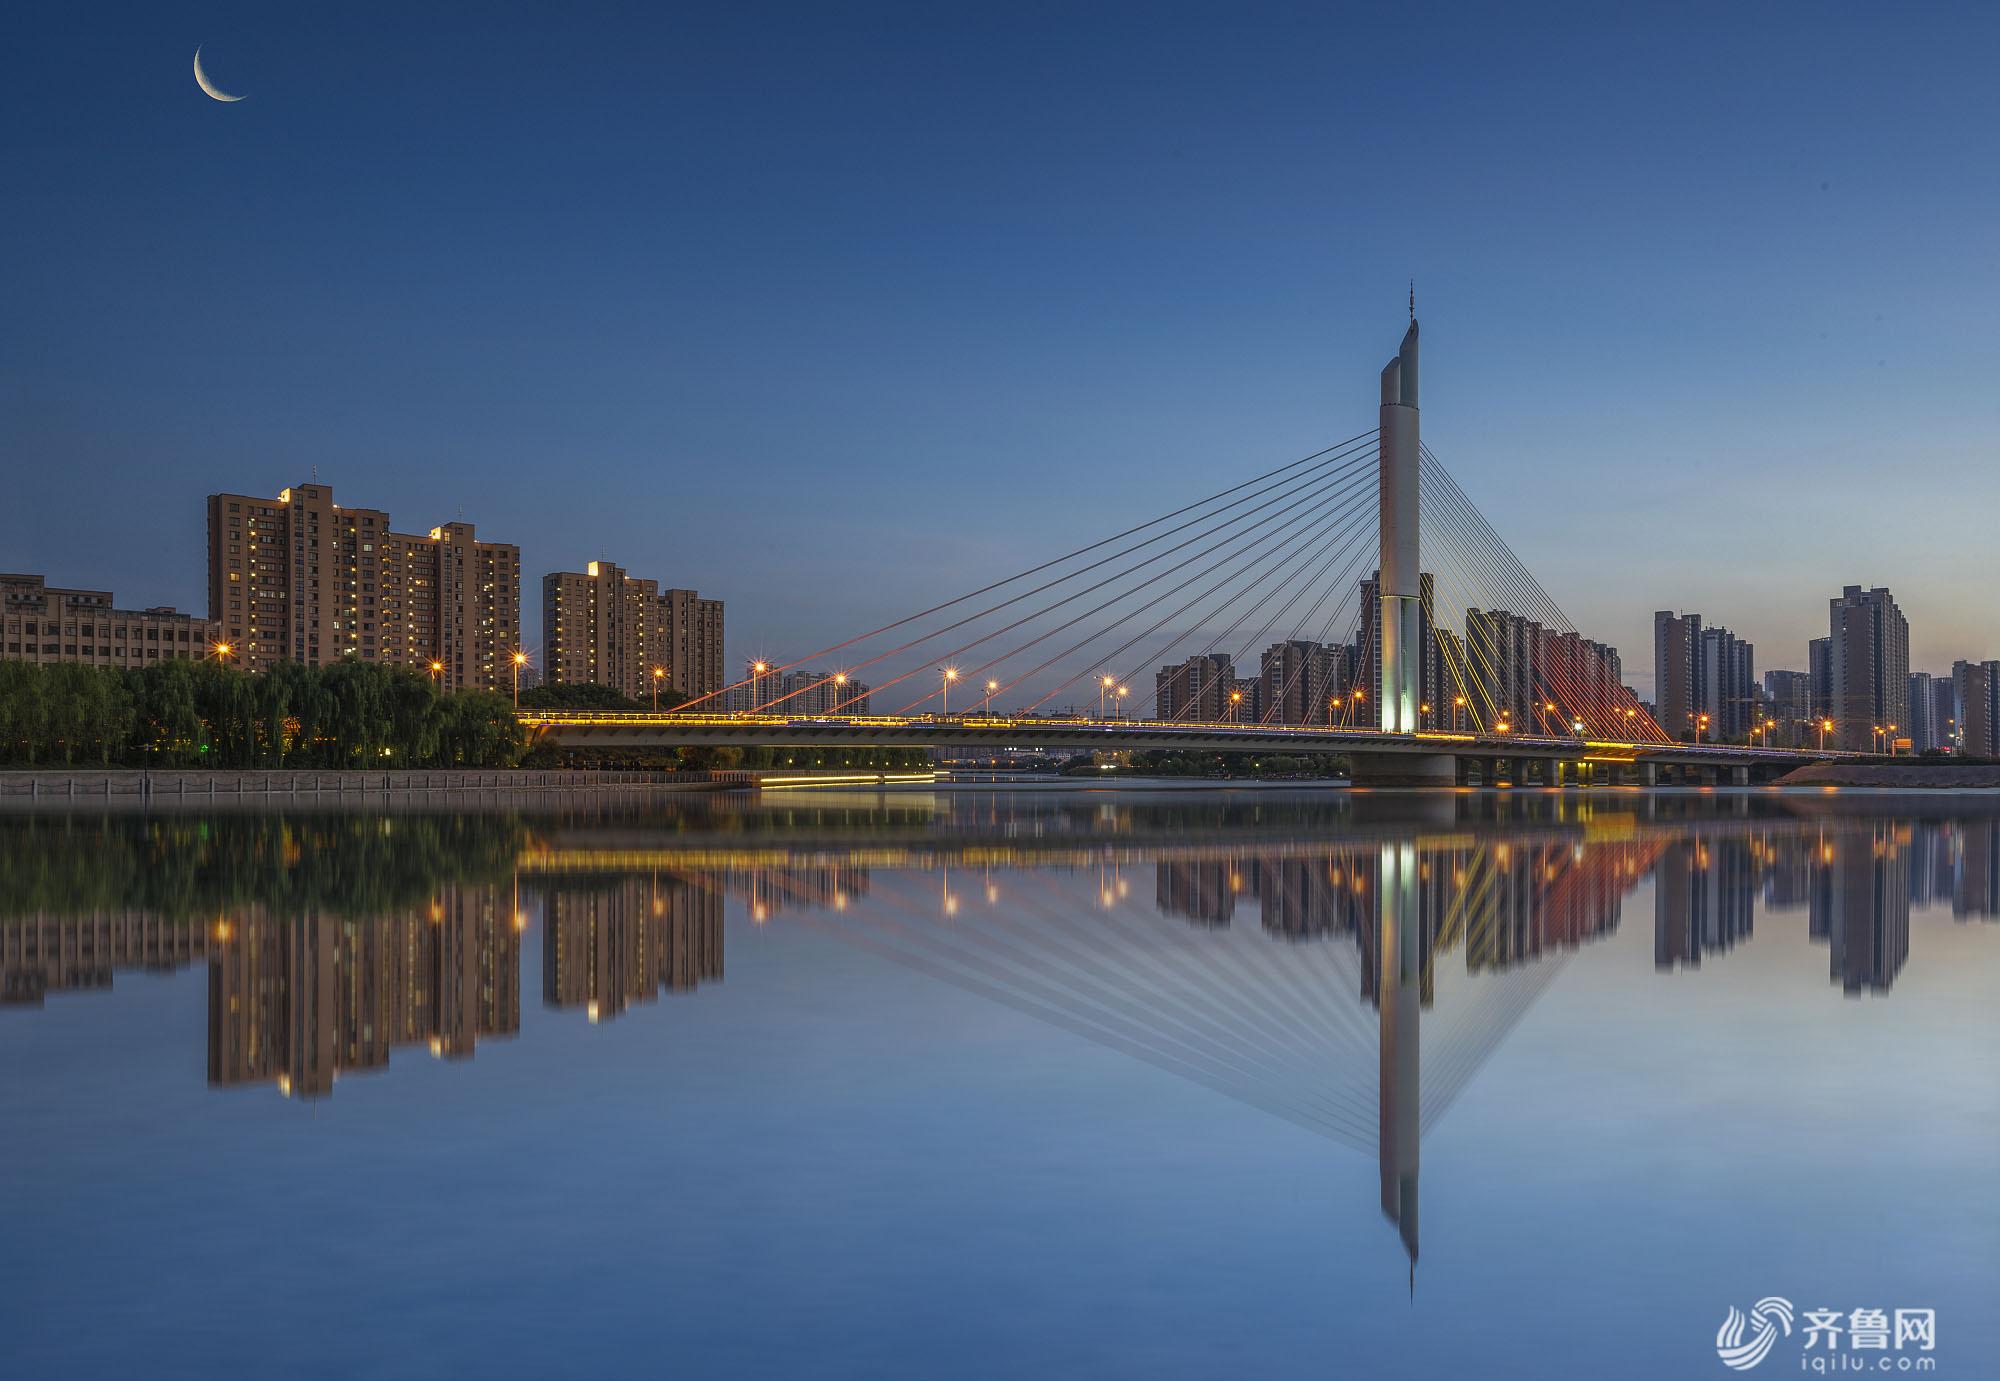 滕州解放大桥夜景